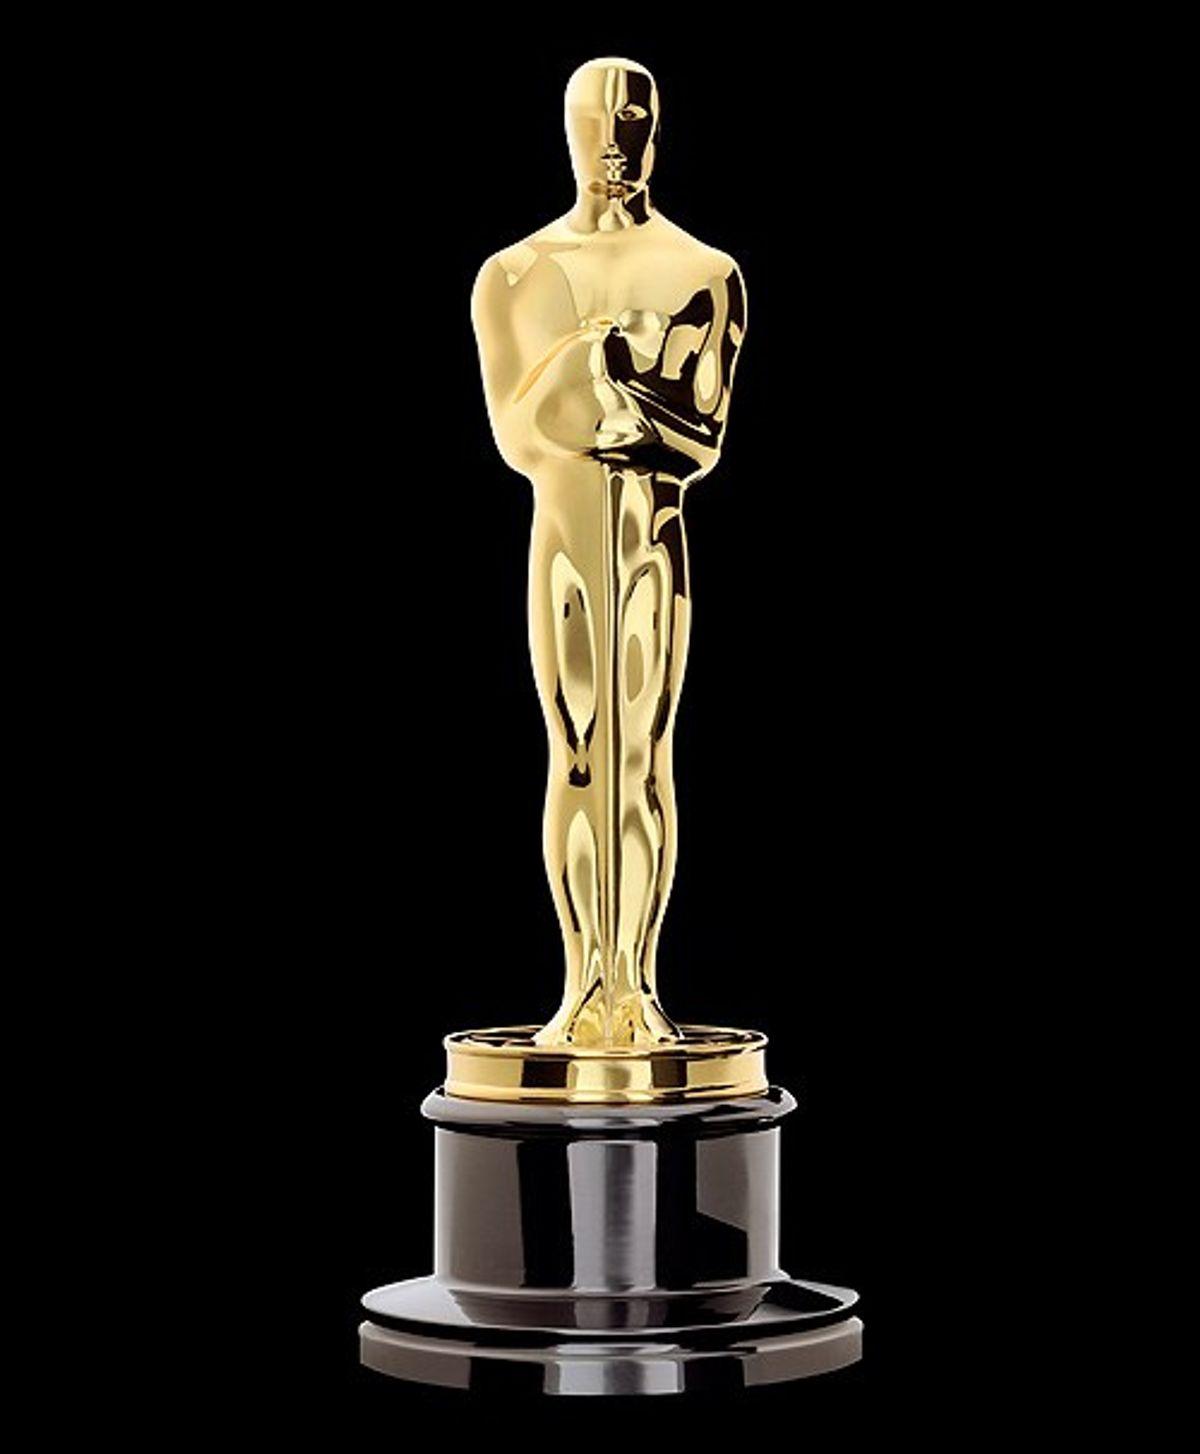 Whitewashing The Oscars